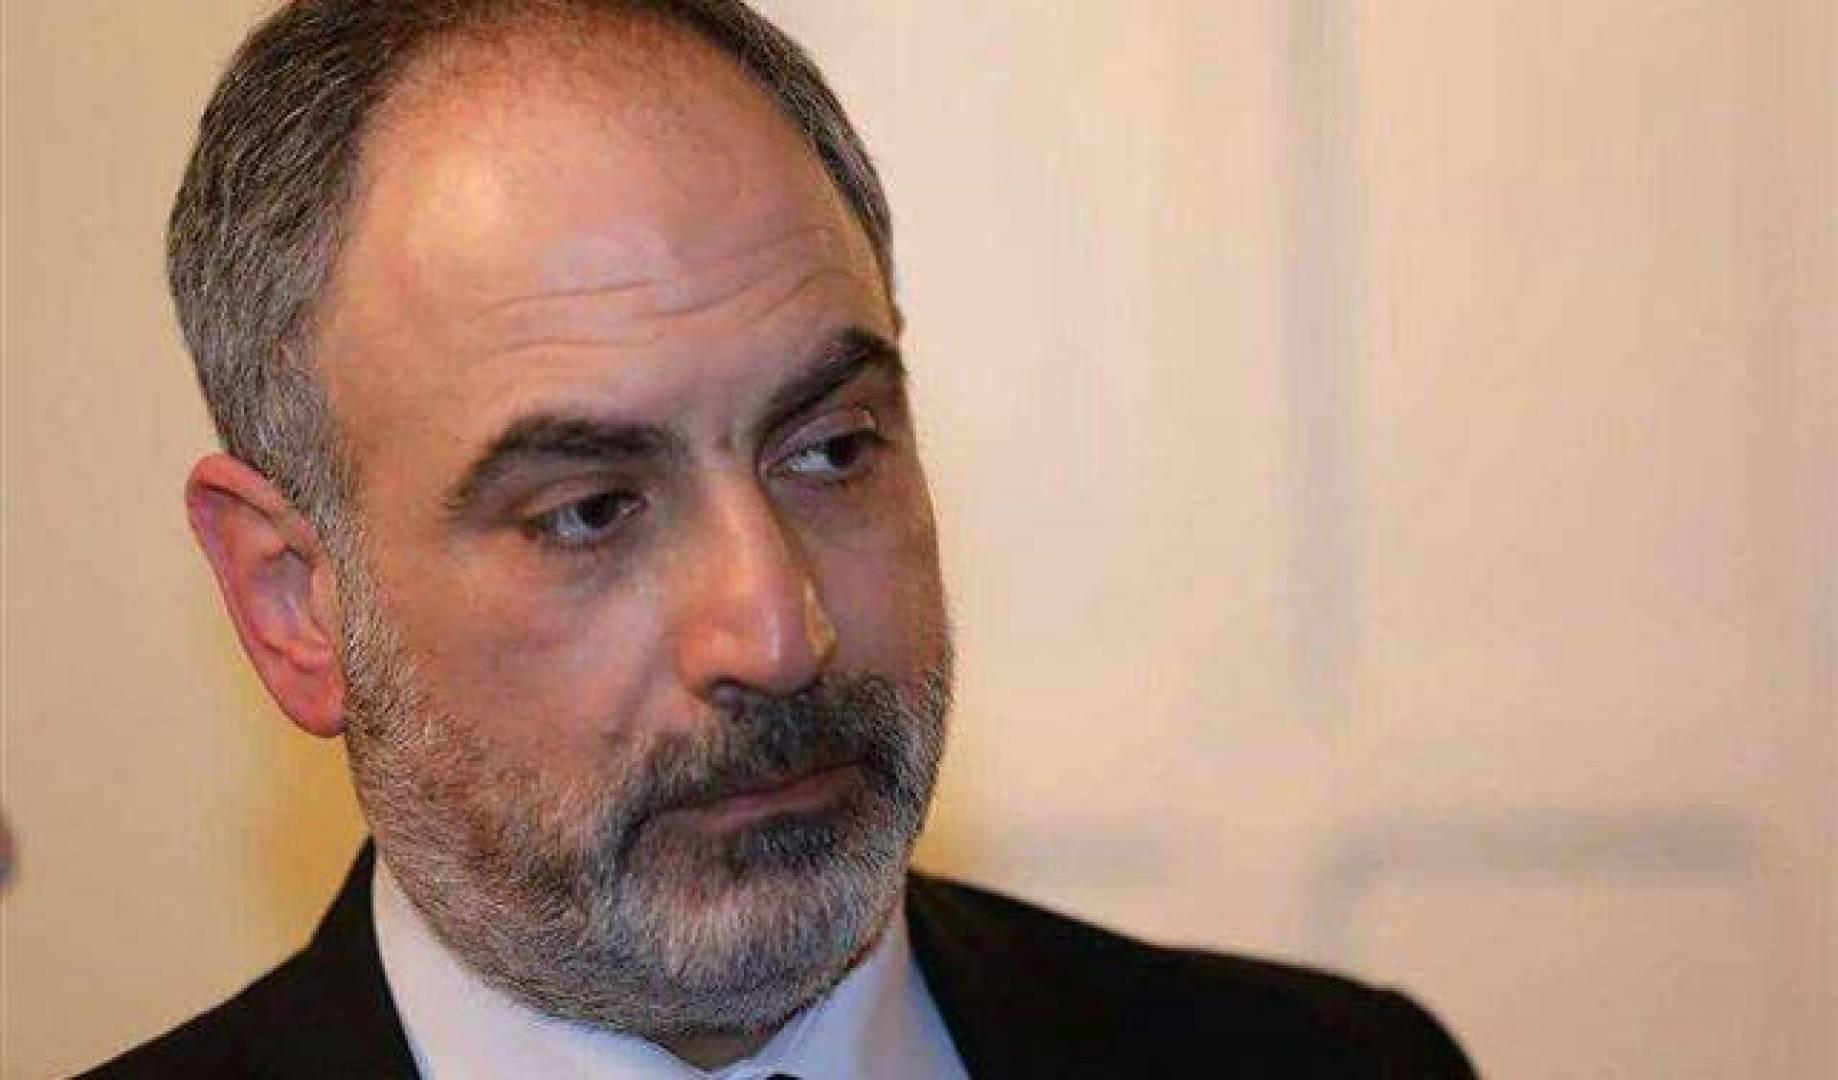 زياد أسود: تم تحويل مال سياسي لسياسي من لبنان إلى جنيف ومحاولة فتح ٣ حسابات في ثلاث مصارف والعميل واحد!